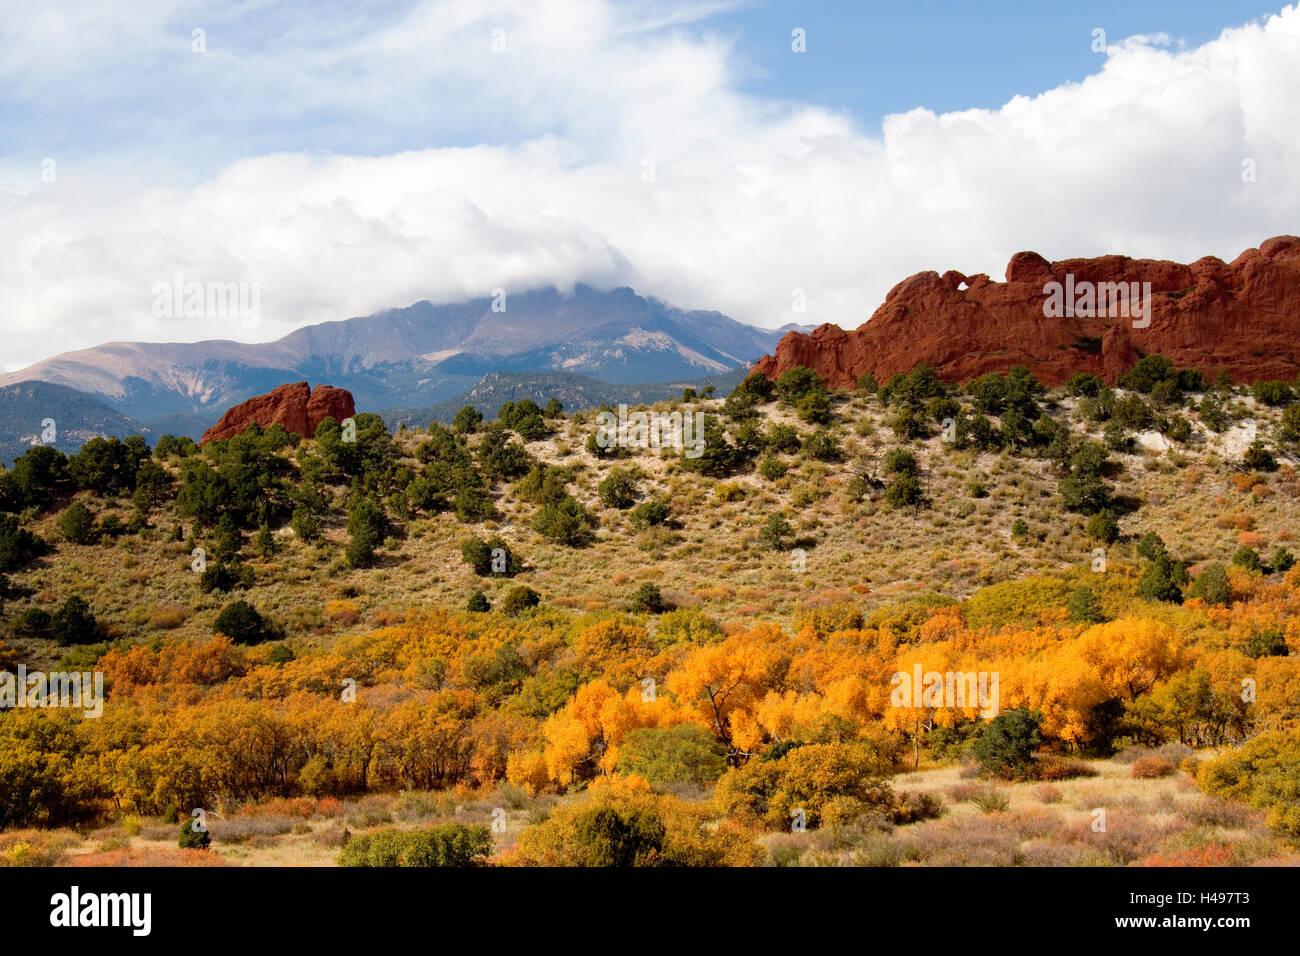 Autumn in Garden of the Gods Colorado - Stock Image